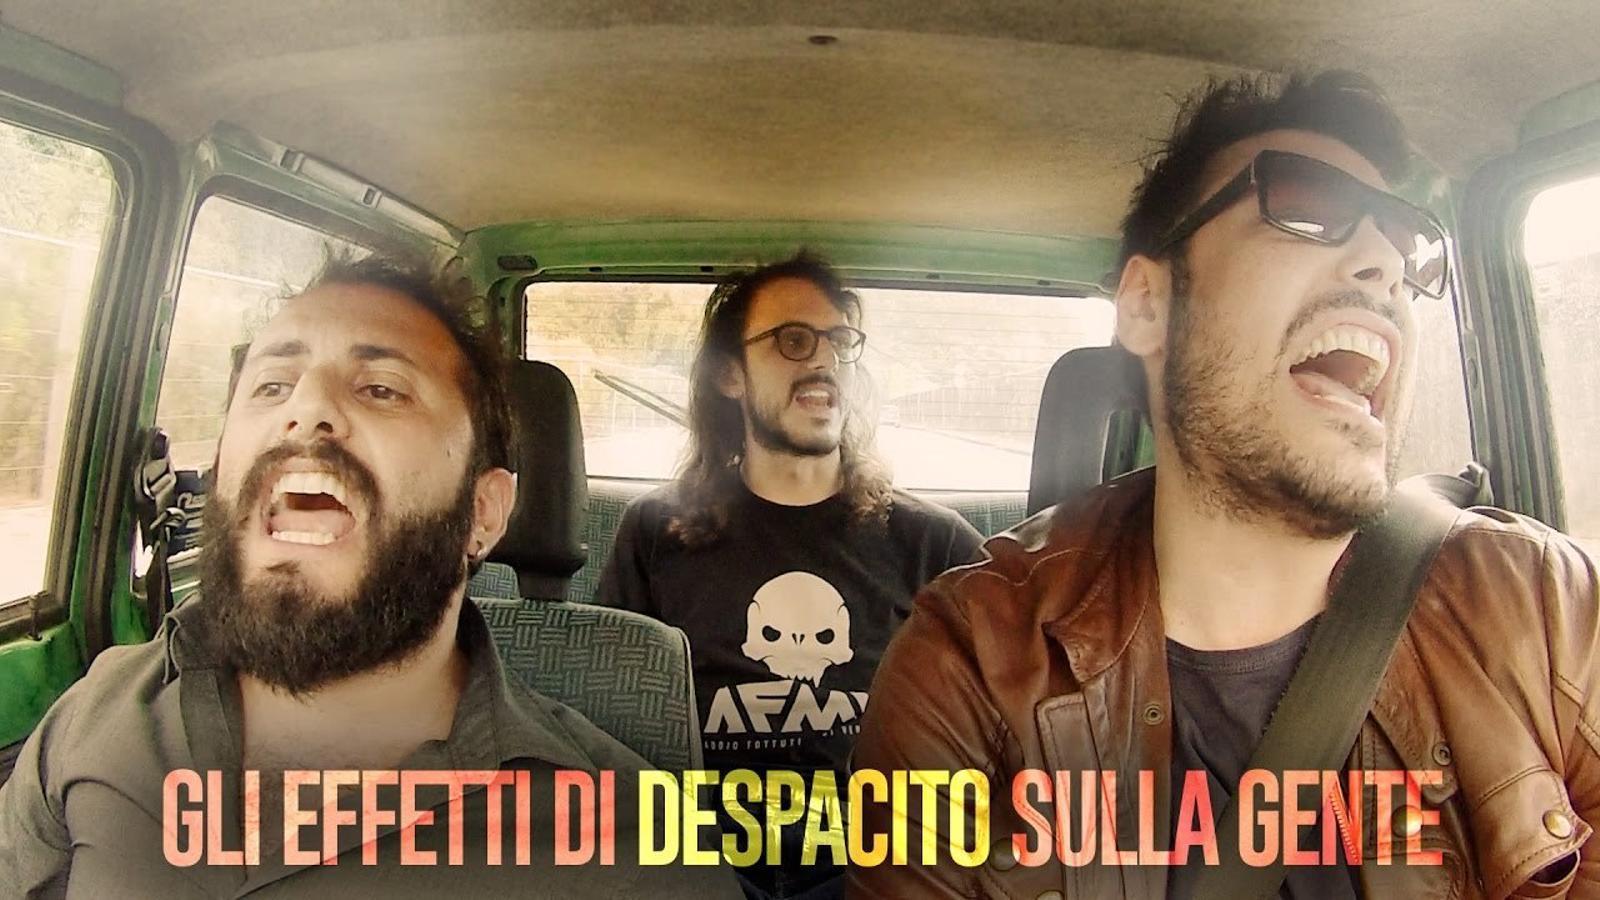 L'irresistible efecte de la cançó 'Despacito'